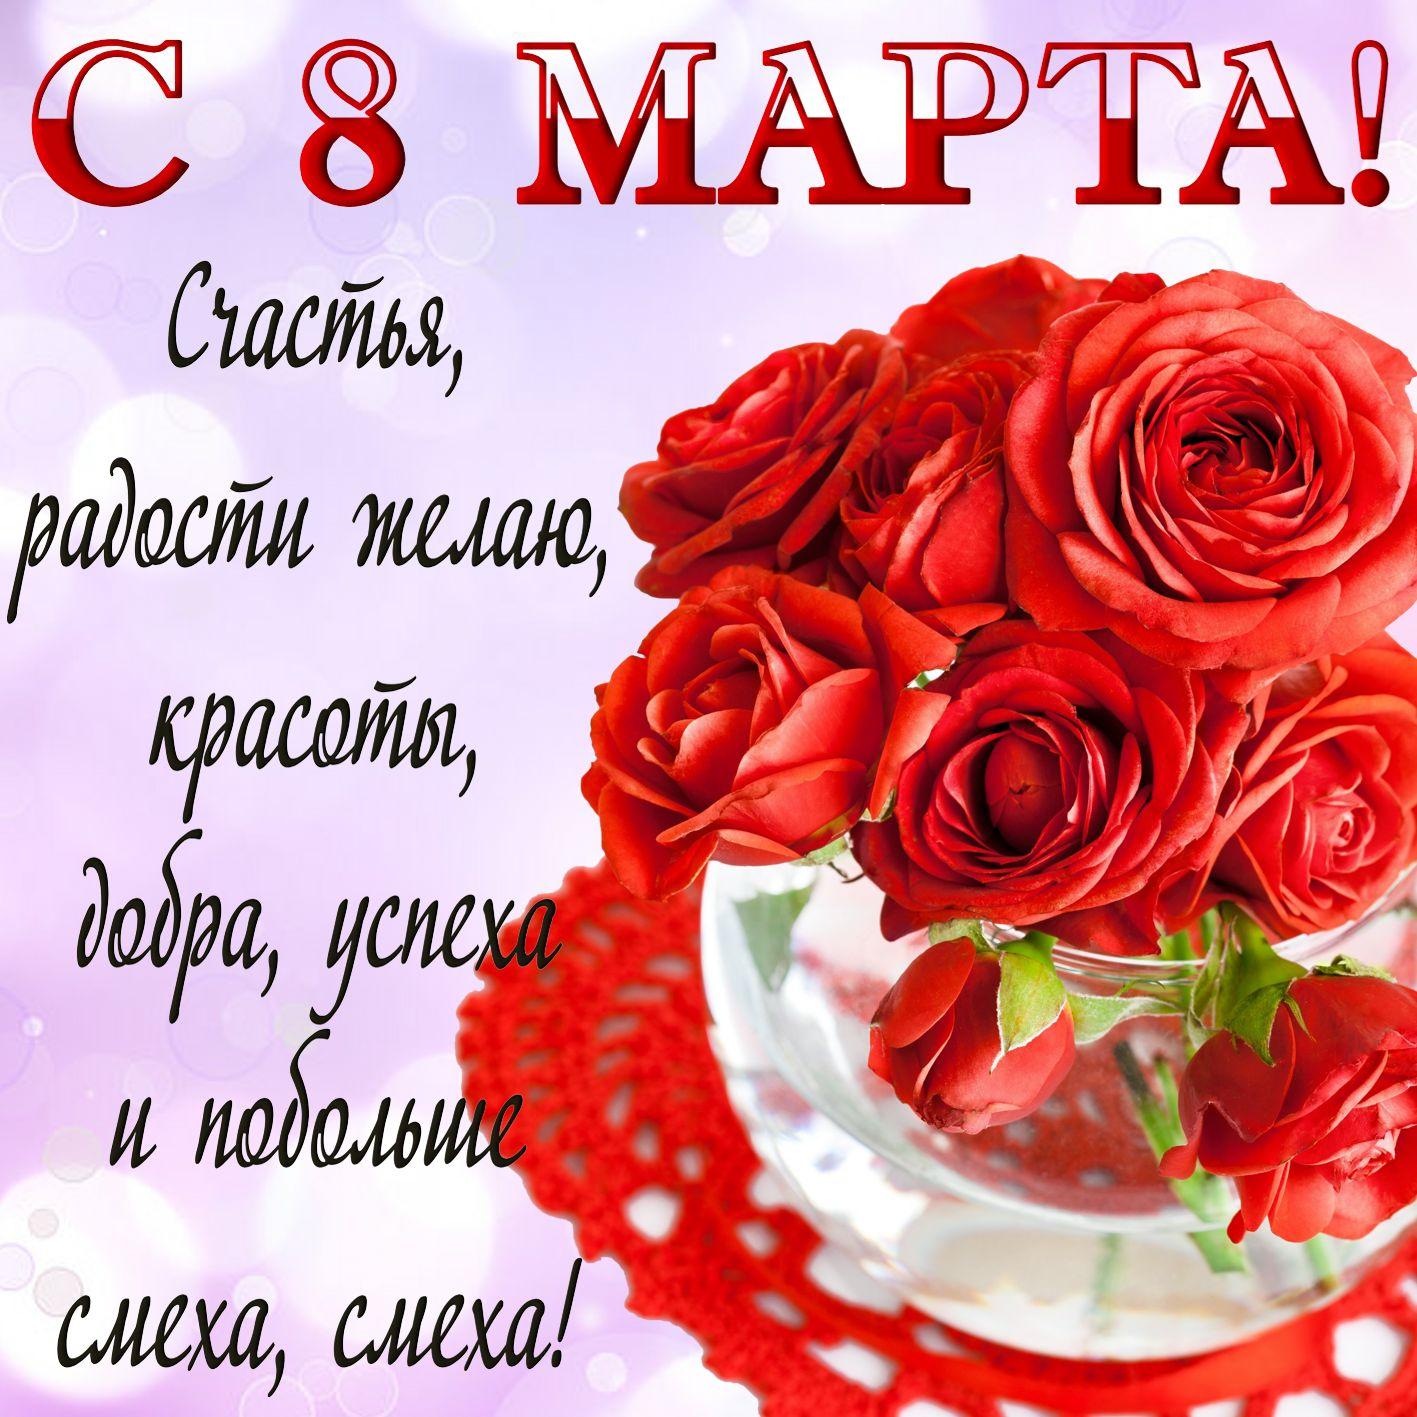 Открытка с 8 марта - яркие красные розы и красивое пожелание